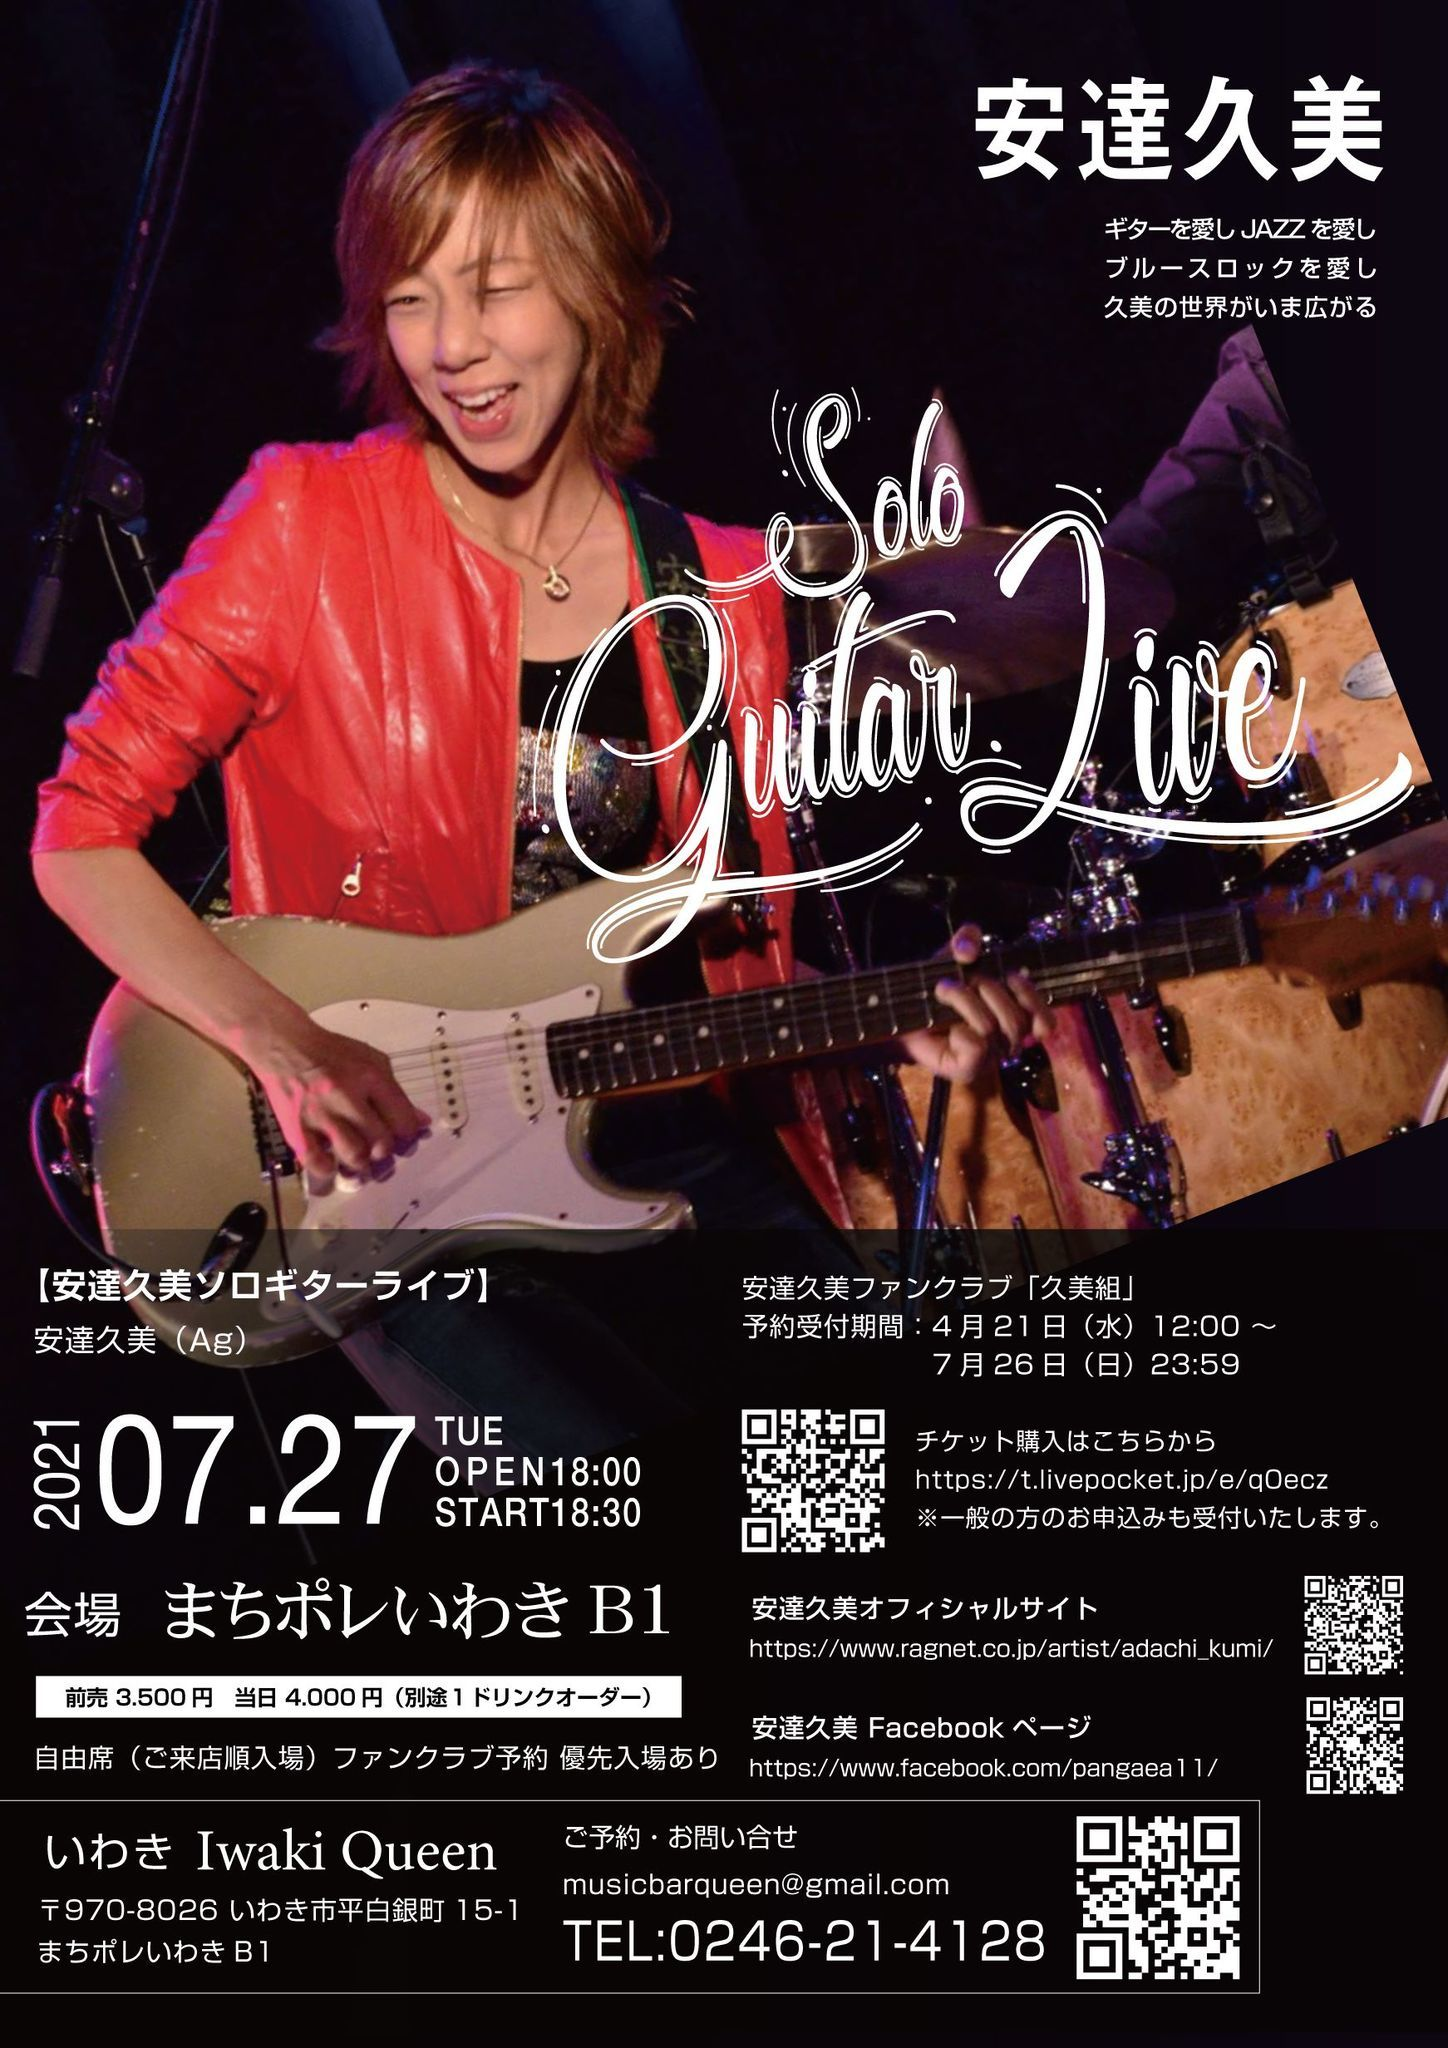 7/27(火)は安達久美ソロギターライヴです。_d0115919_03080202.jpg